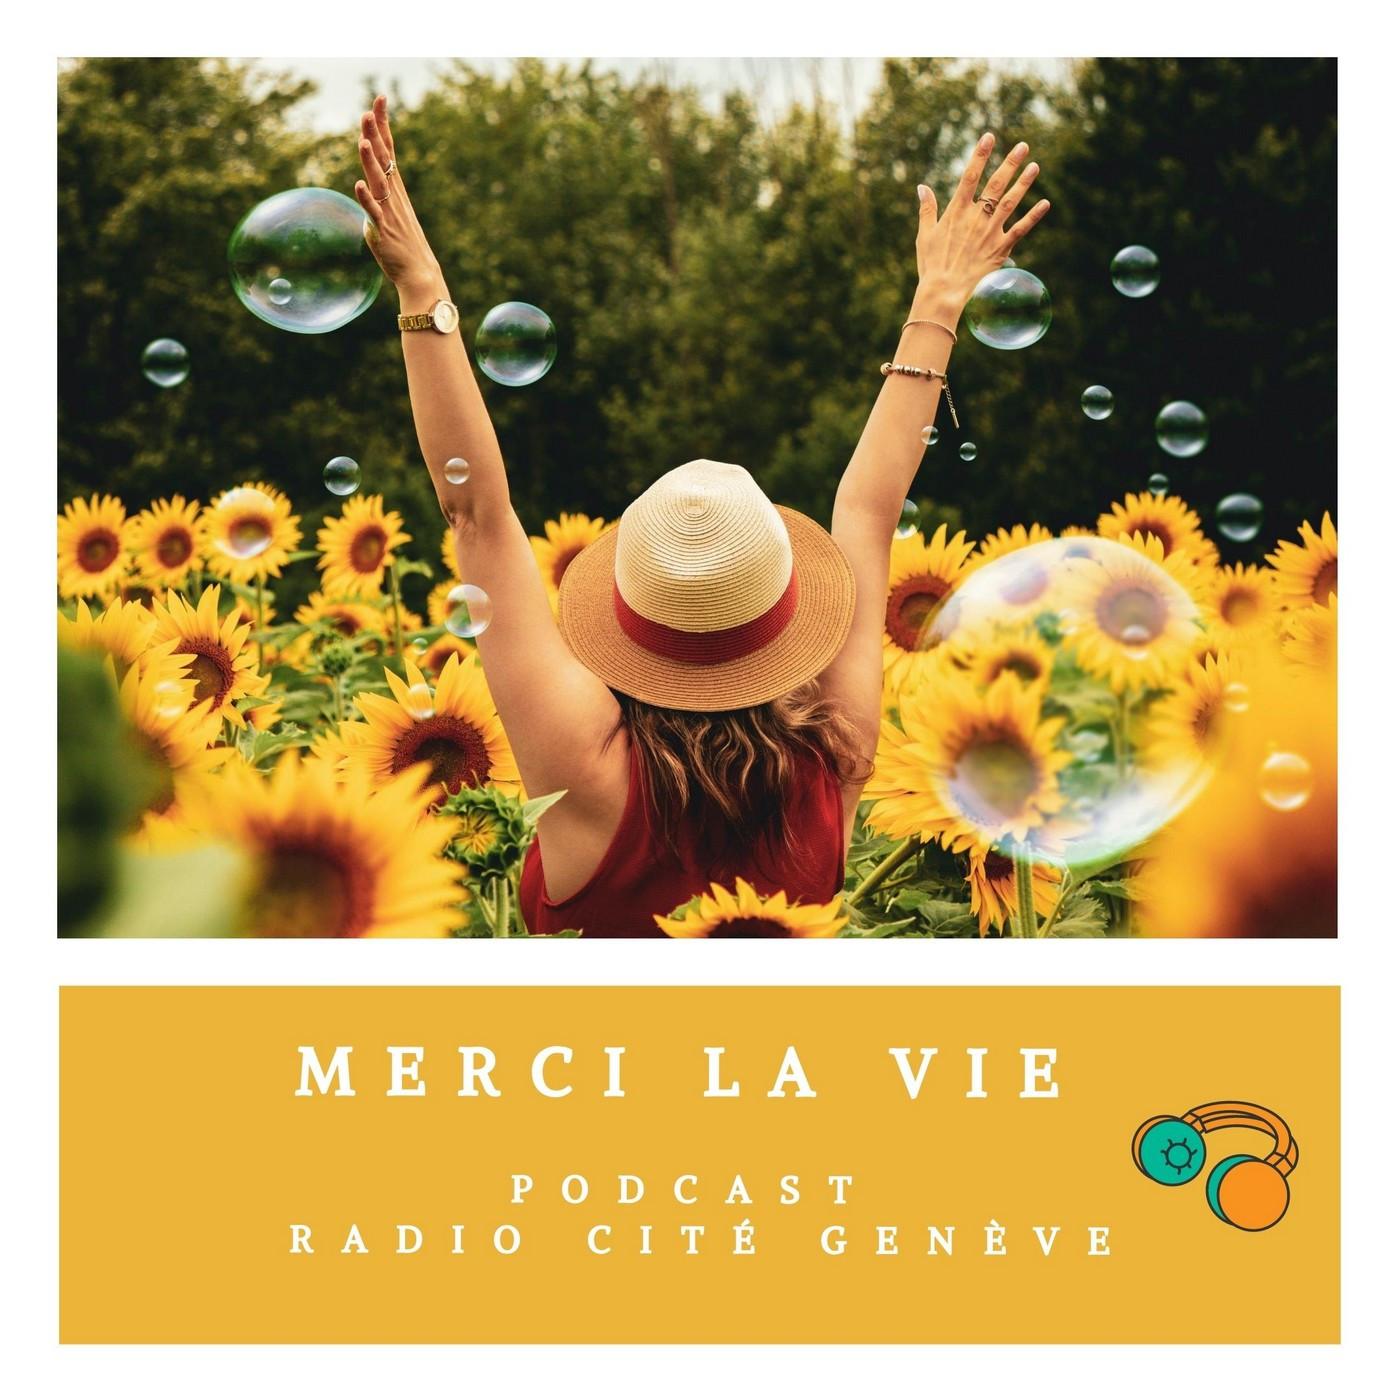 Merci la Vie du 27/10/2020 - Celine van Till